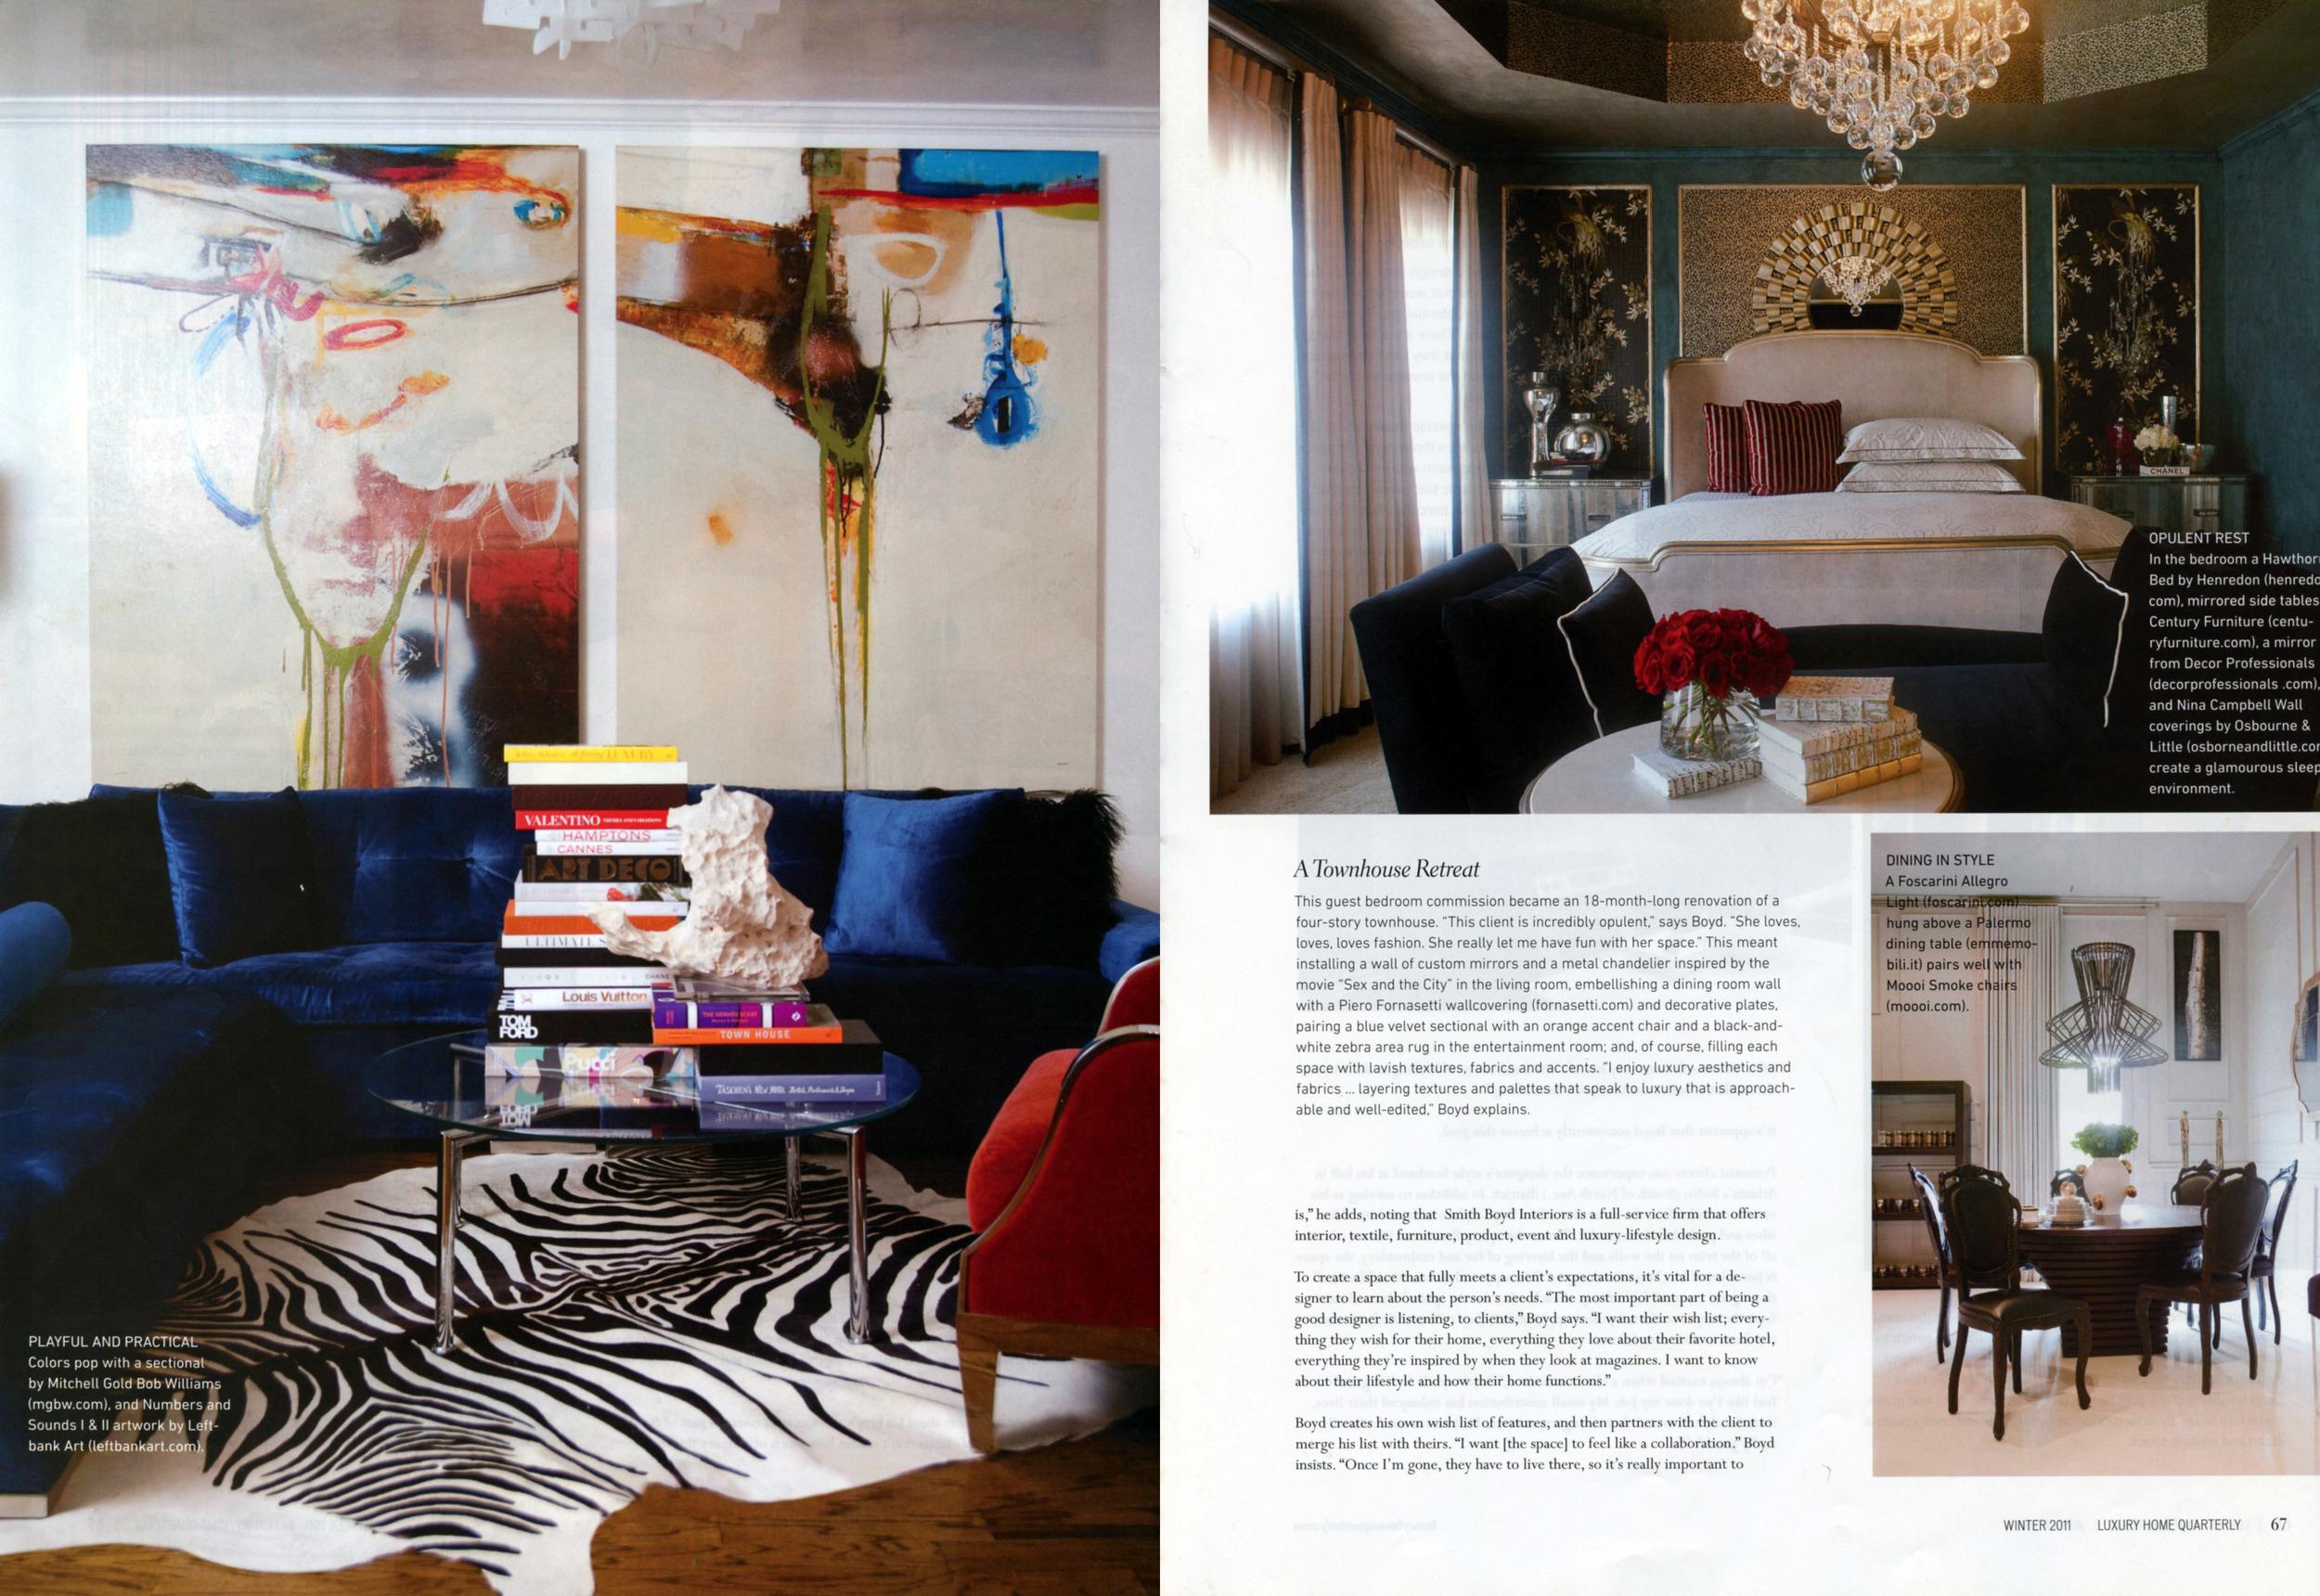 Winter 2012 Luxury combined 2 for web.jpg